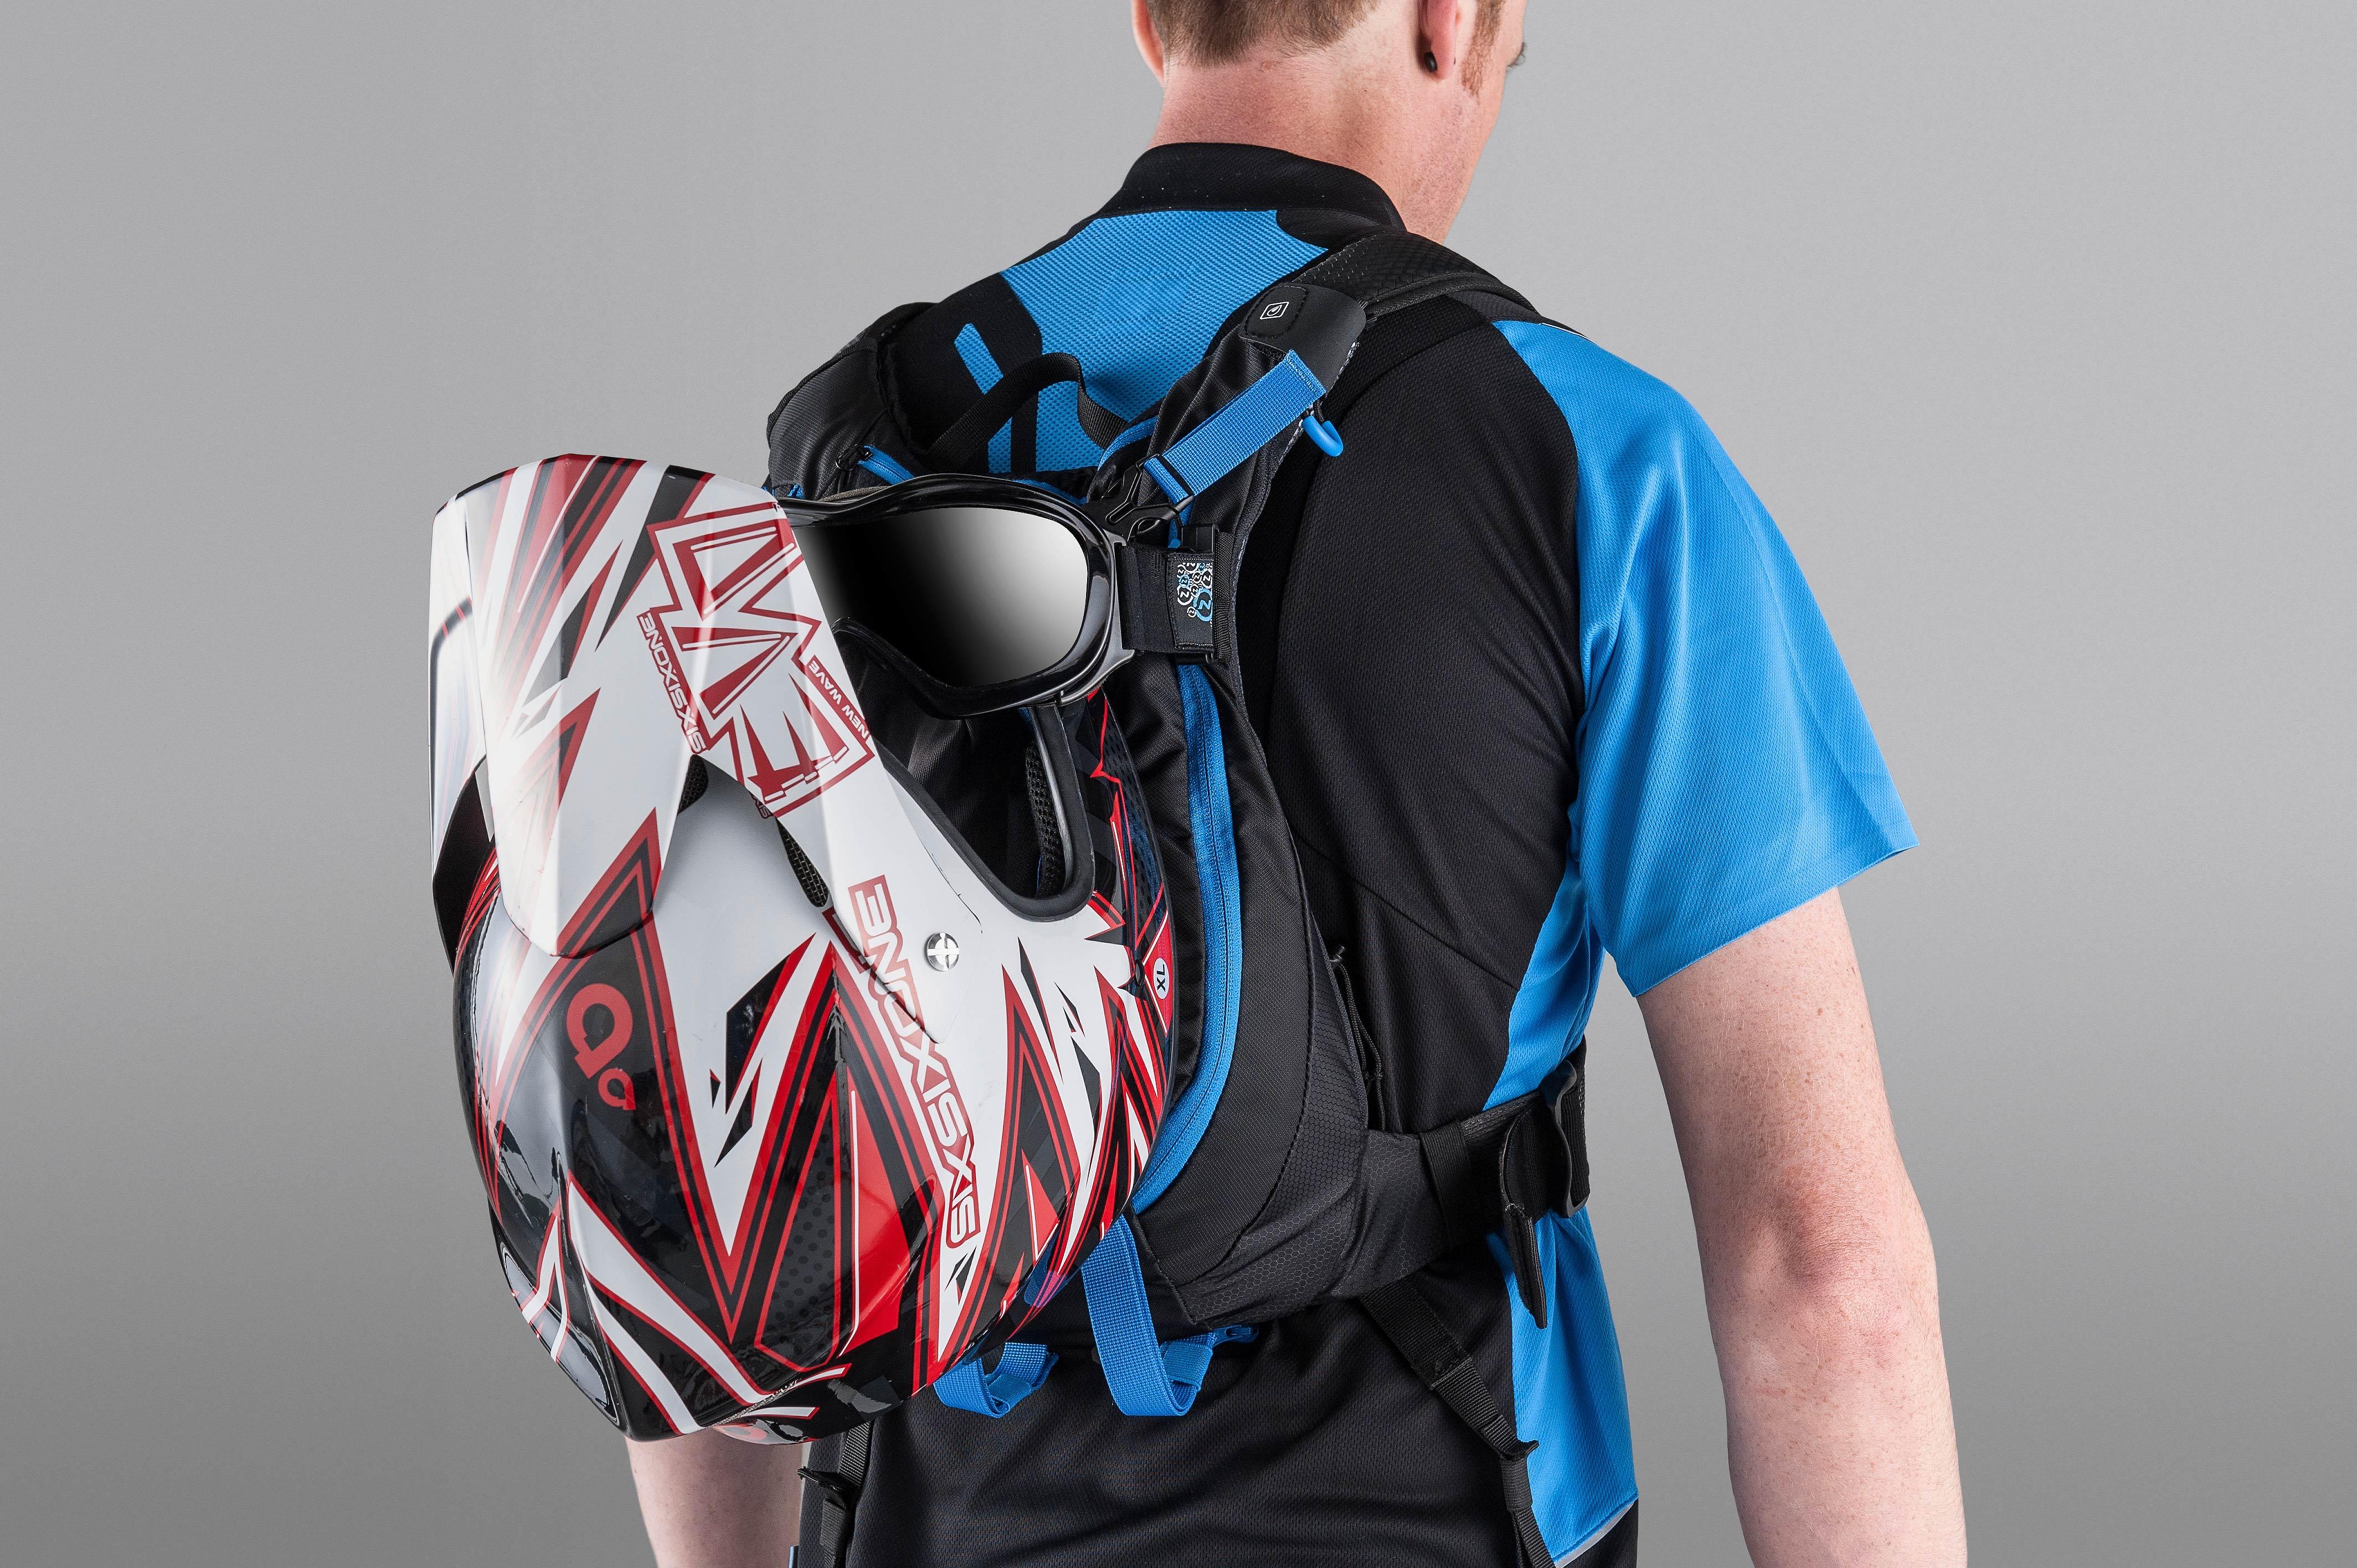 Auch der Fullface Helm findet problemlos Platz.